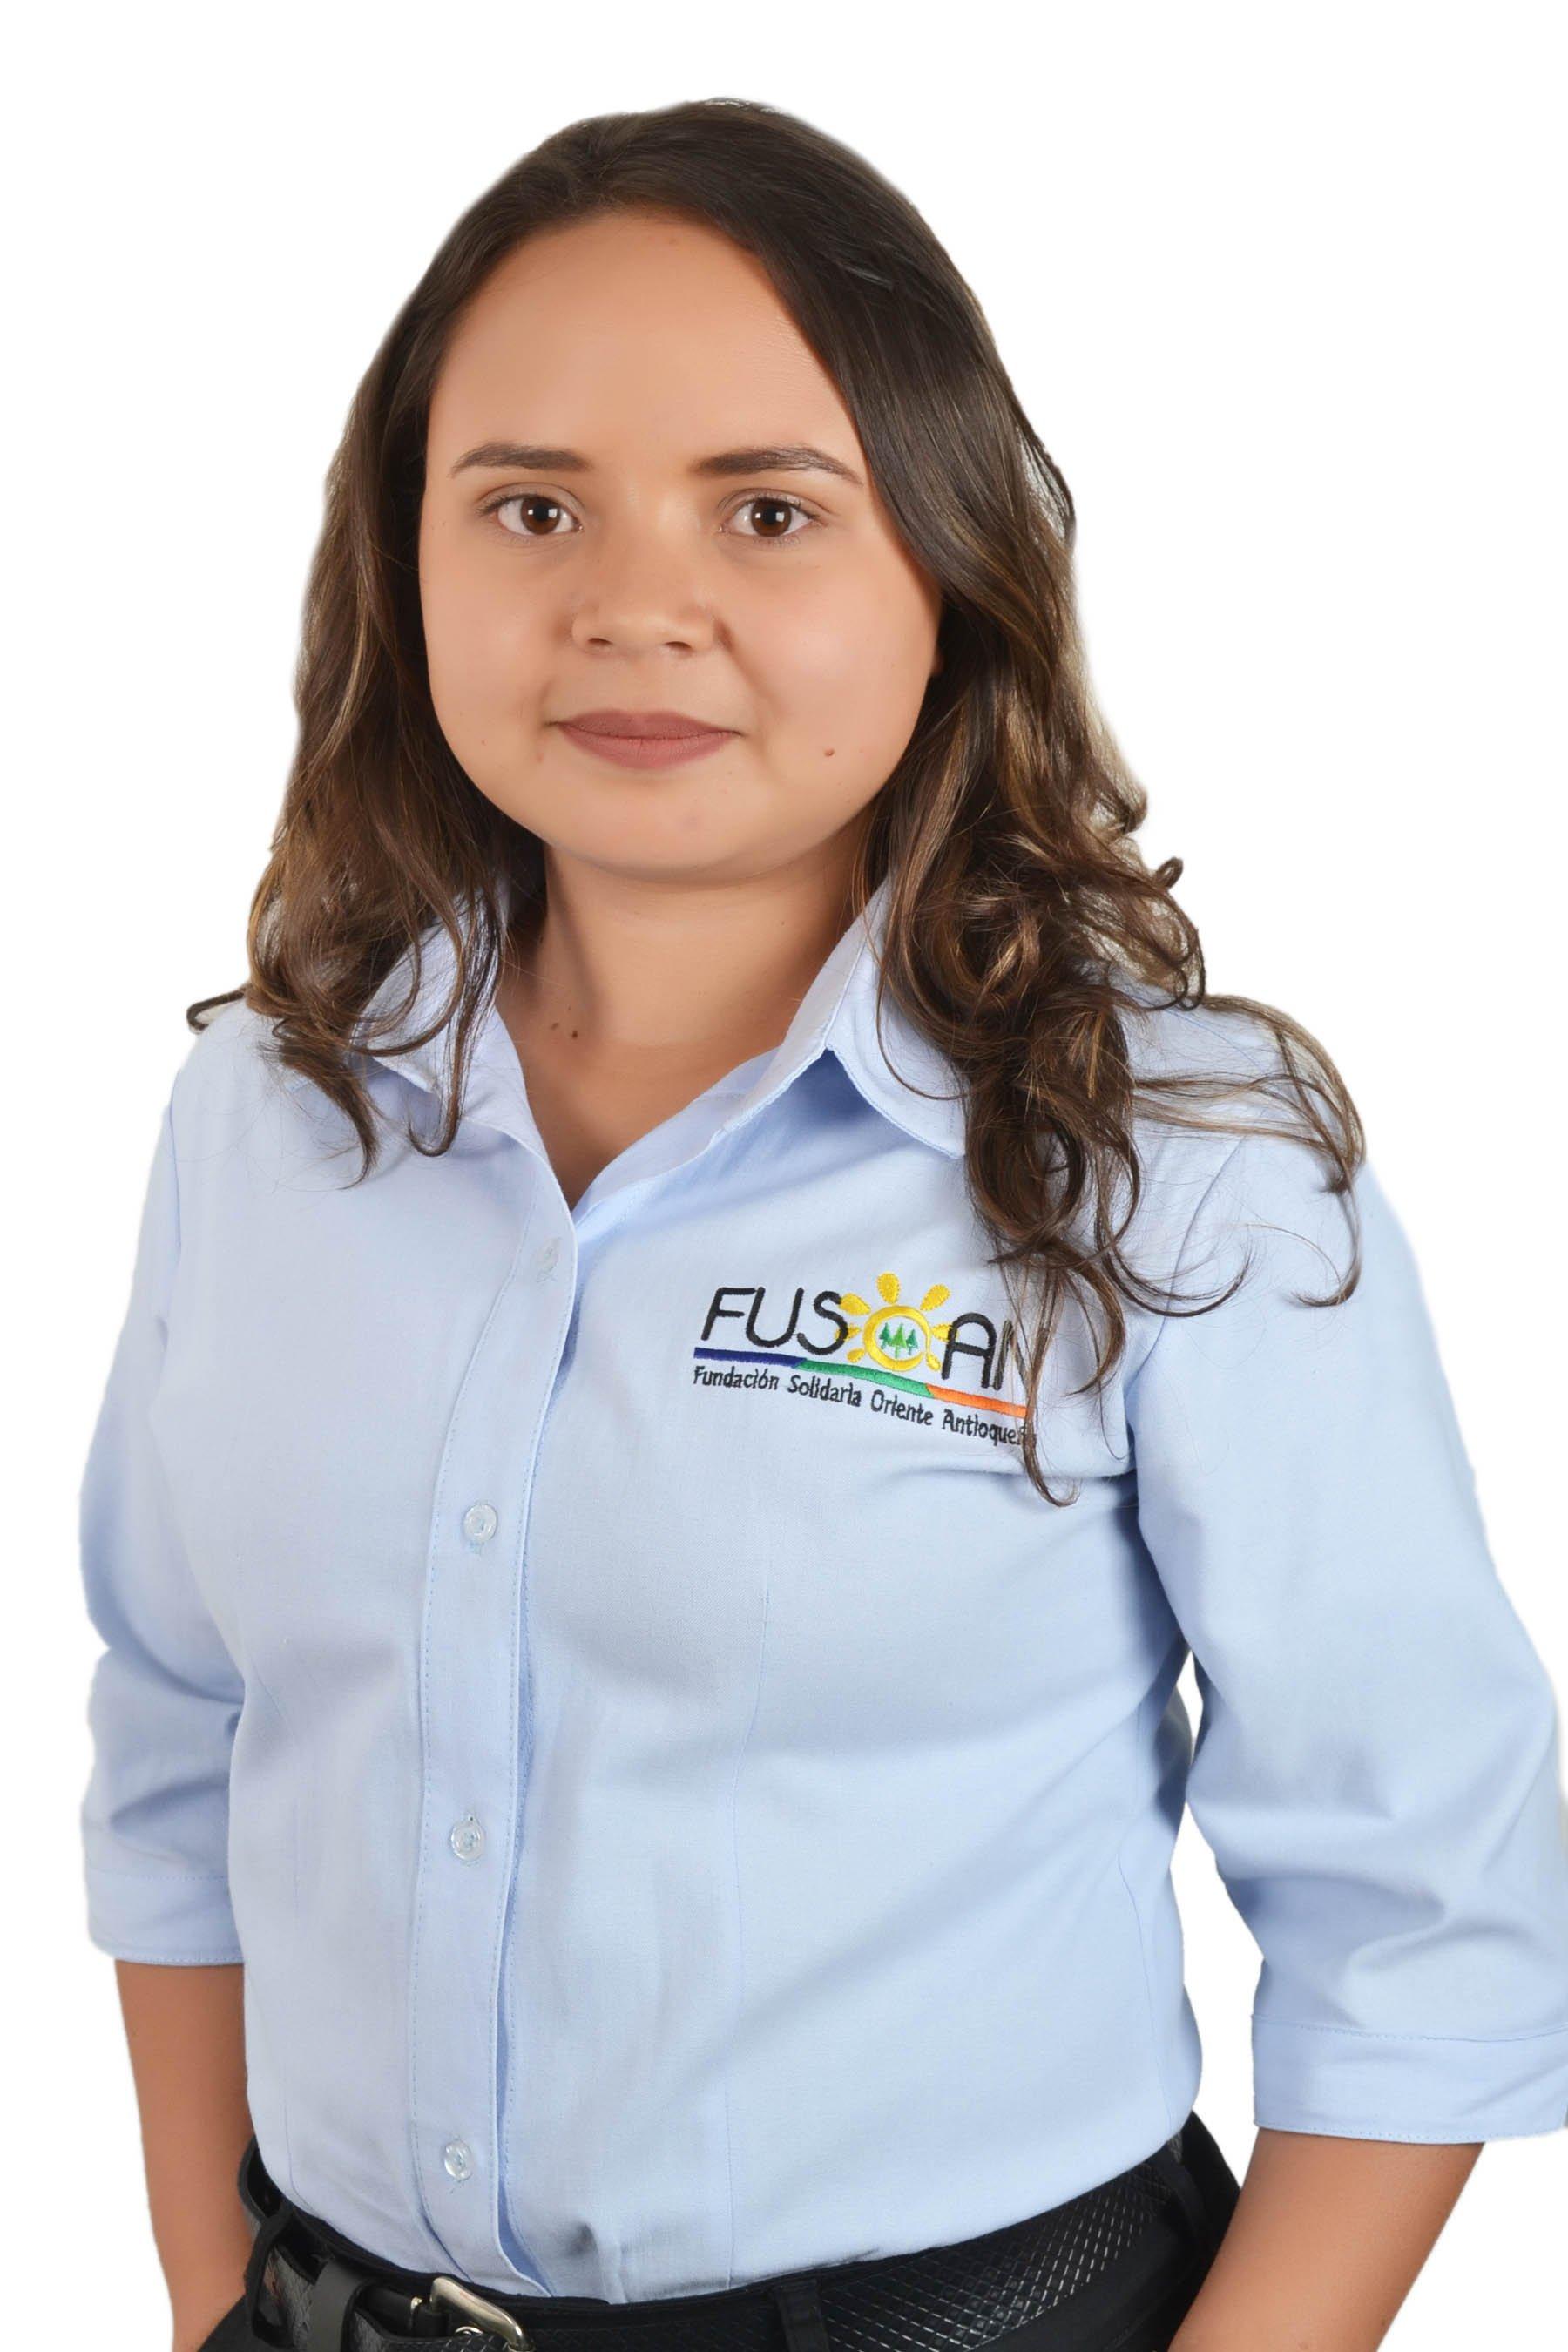 Maria Alejandra Escobar Fuentes